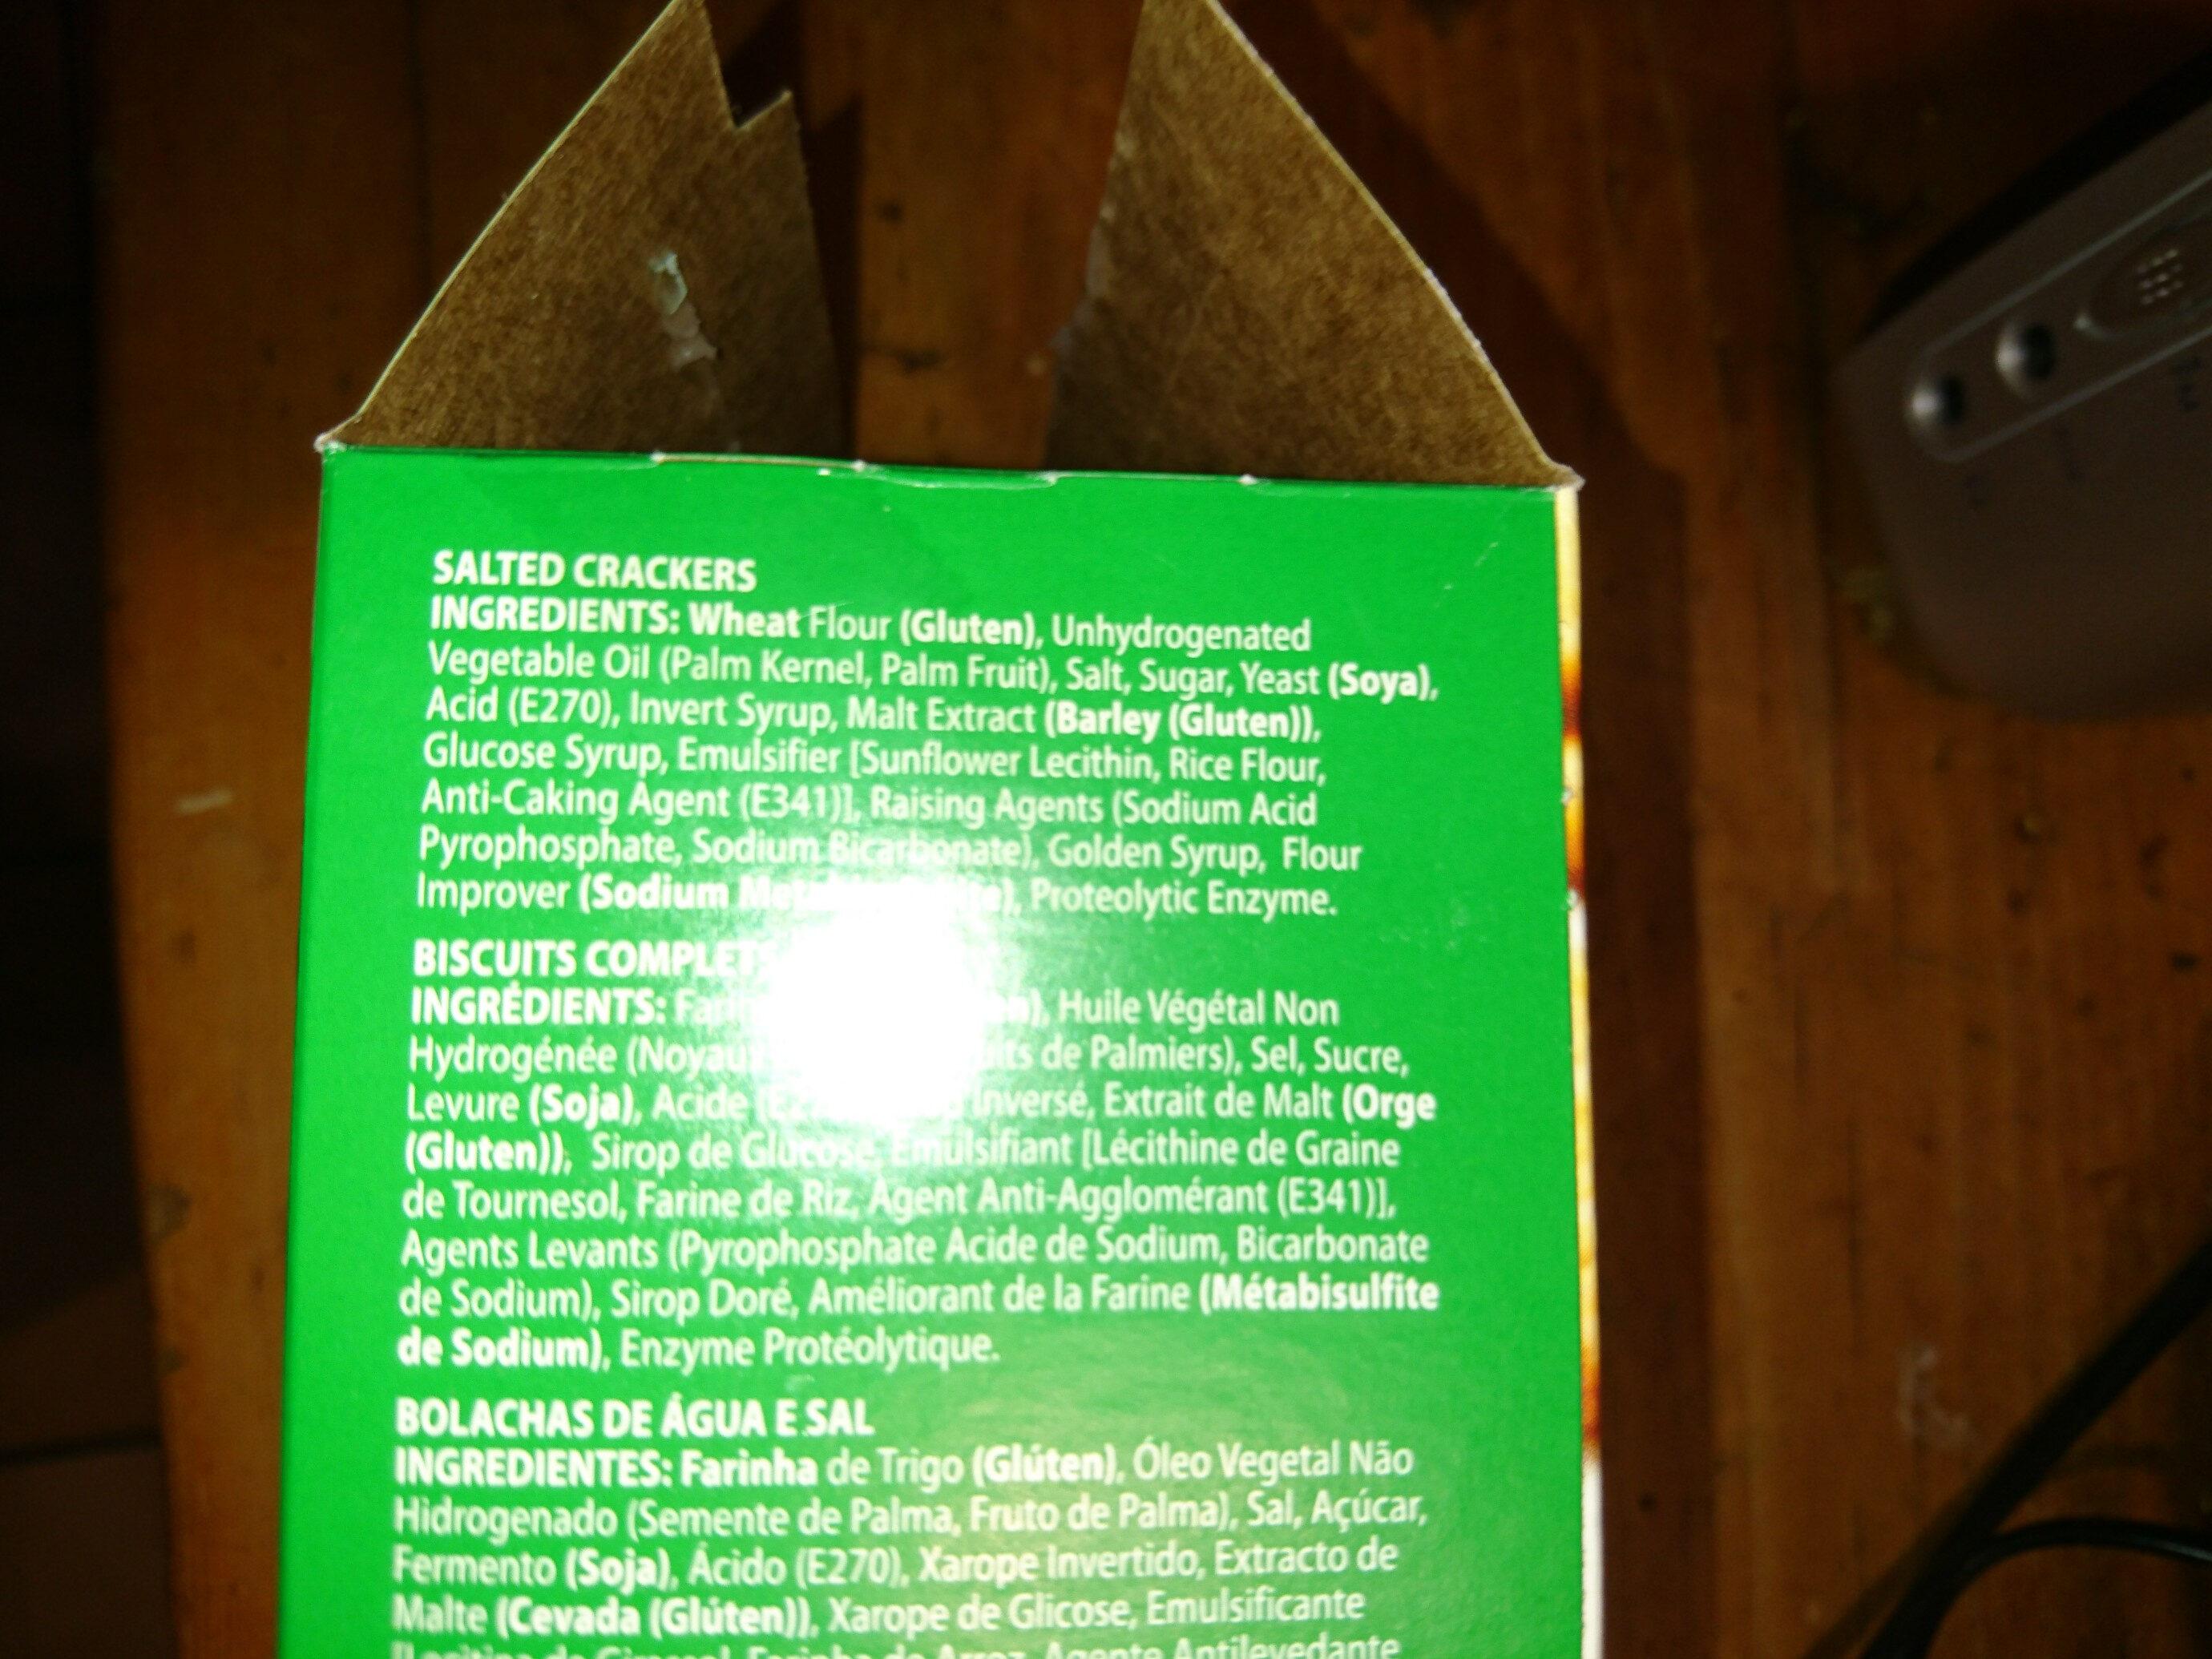 Salticrax - Ingredients